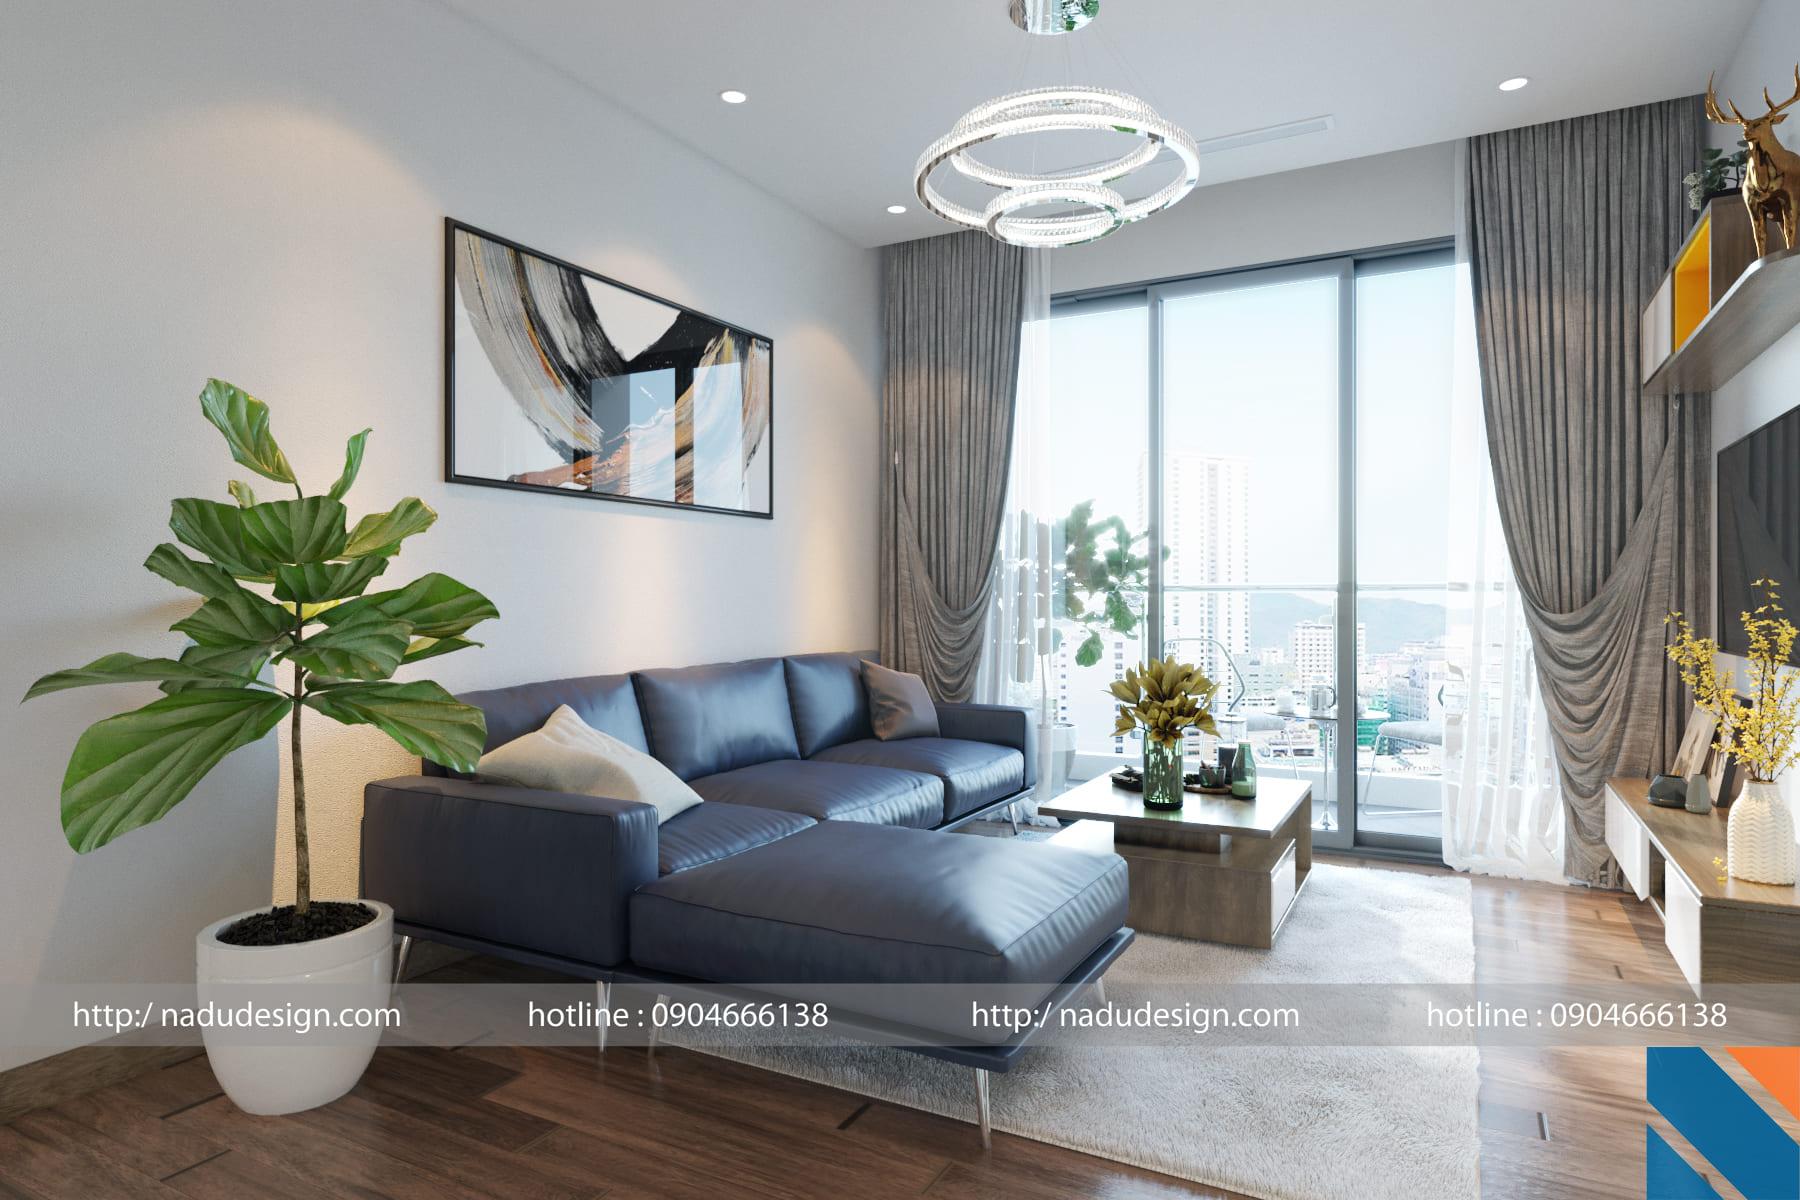 Thiết kế căn hộ Vinhomes Metropolis hiện đại 2 phòng ngủ